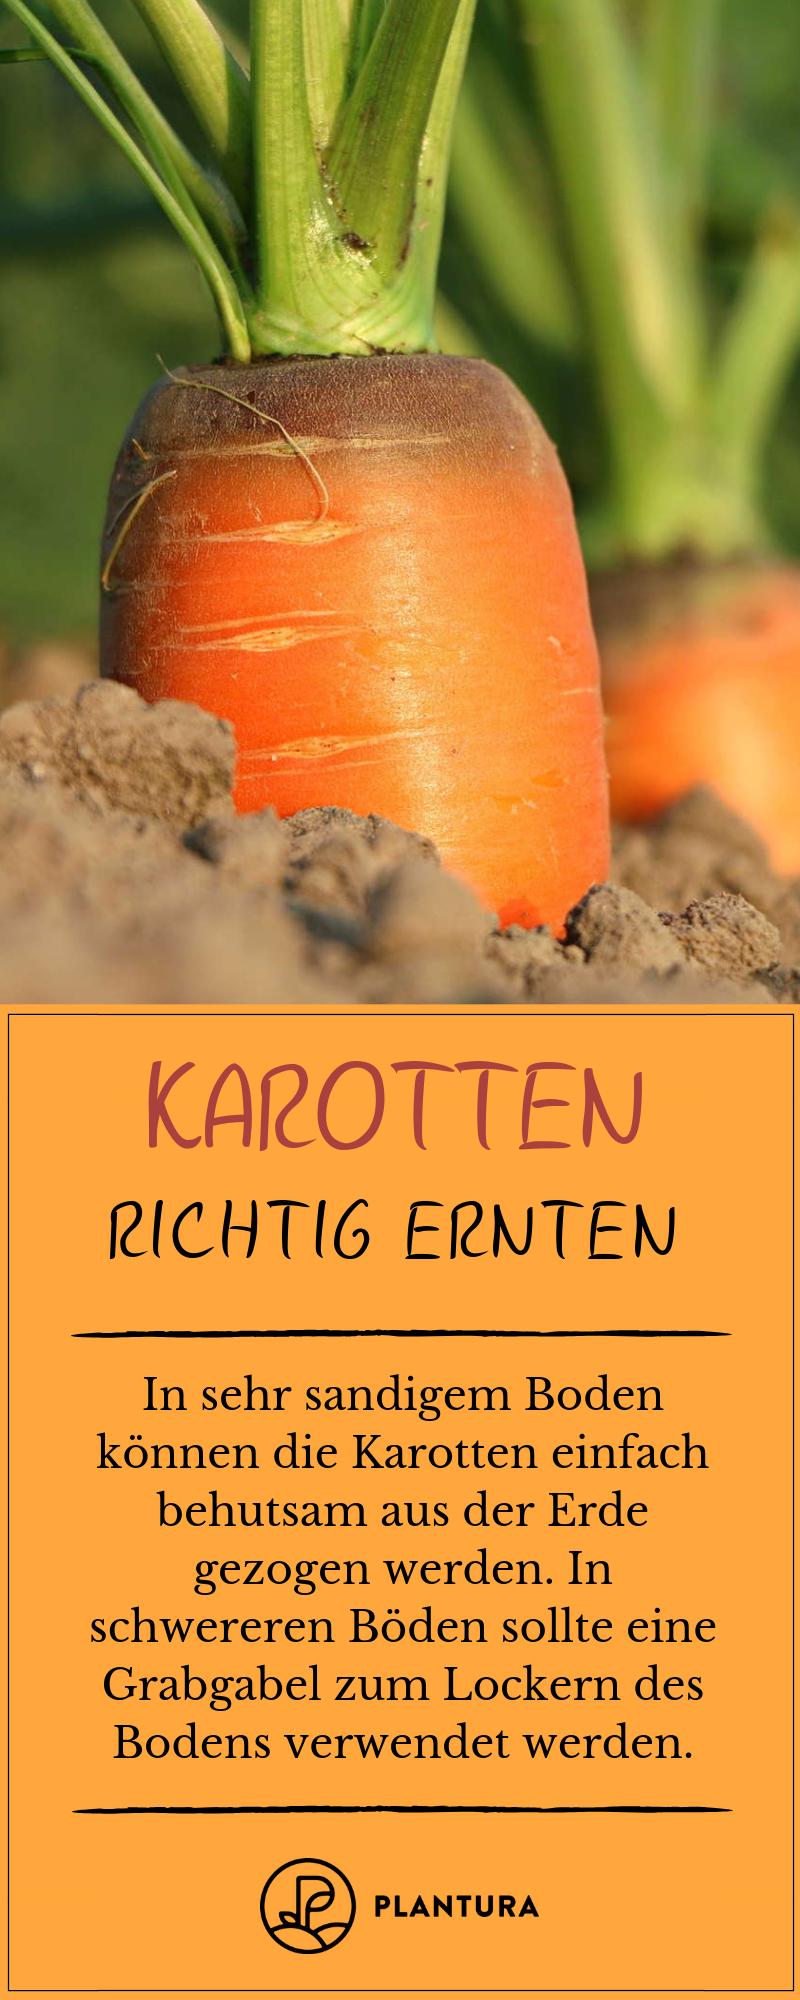 Karotten ernten & lagern   Plantura   Garten pflanzen, Karotten ...